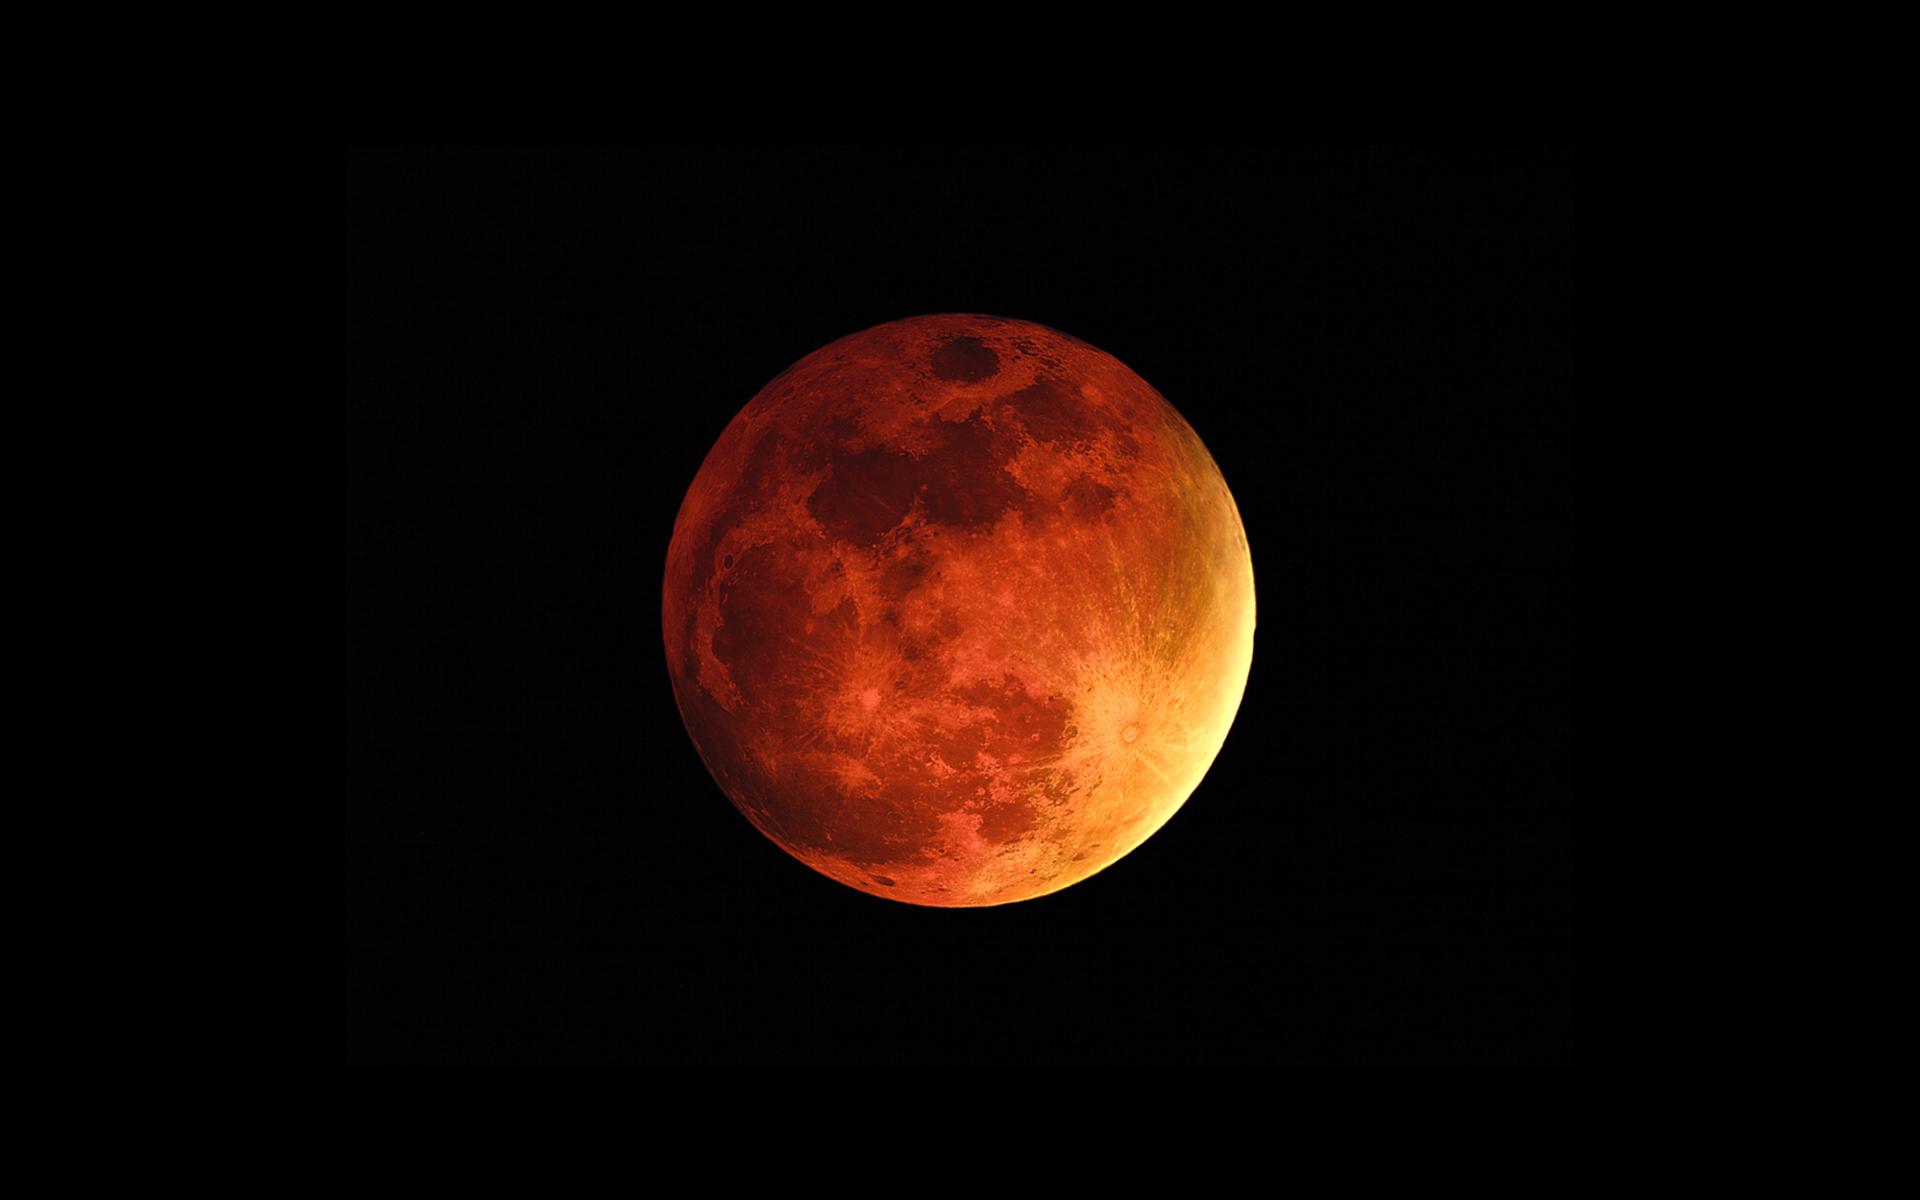 планета марс луна фото некоторые люди стесняются